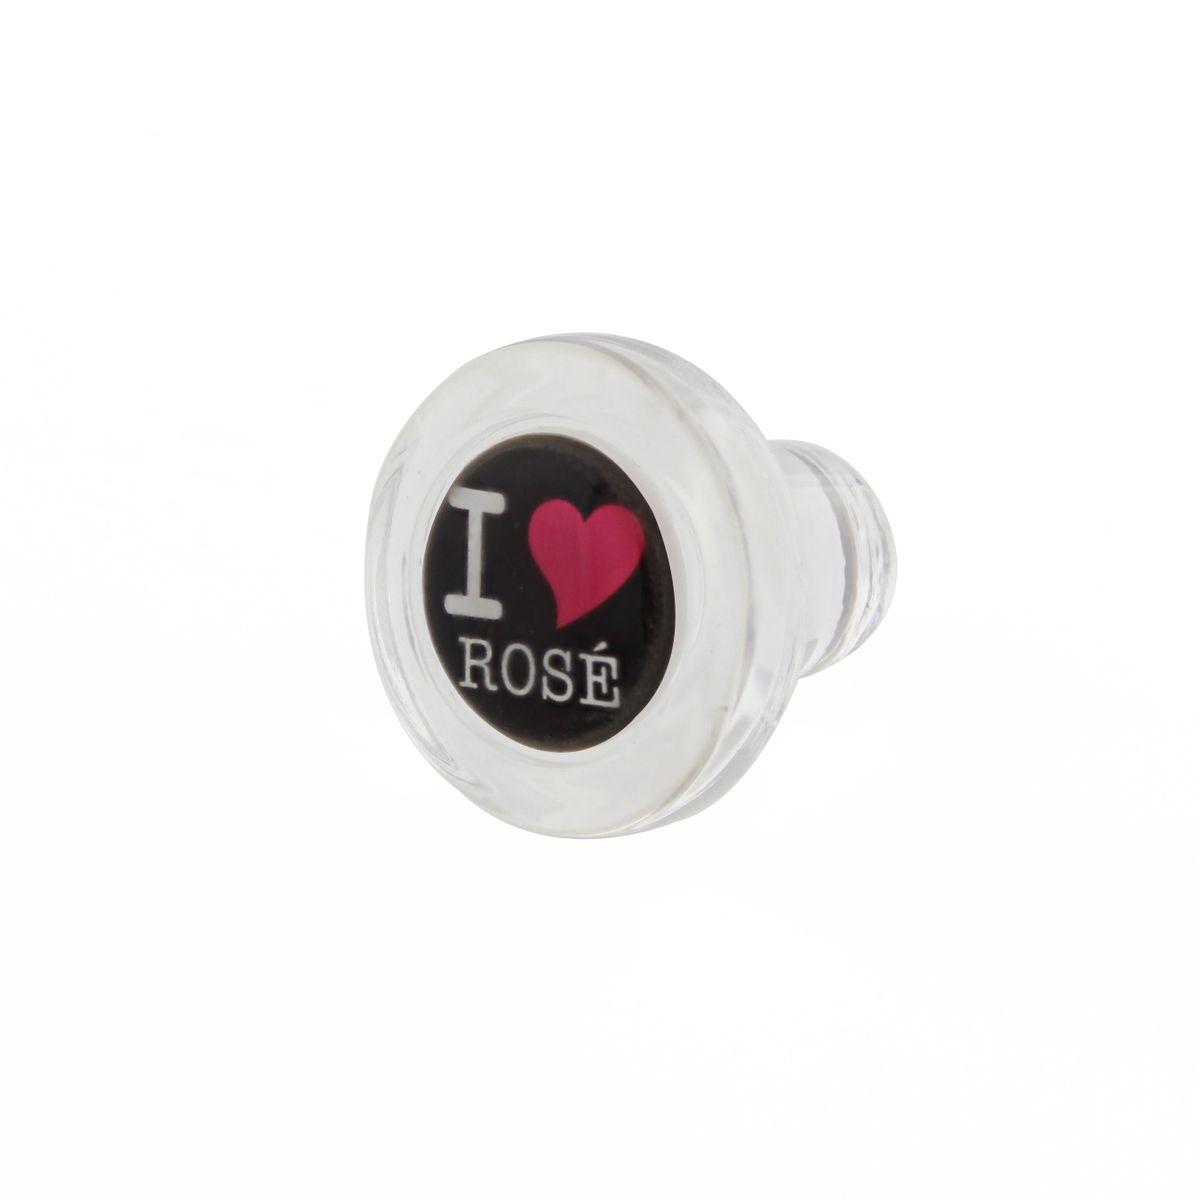 Bouchon en verre - Noir - I Love Rose - Cevenpack